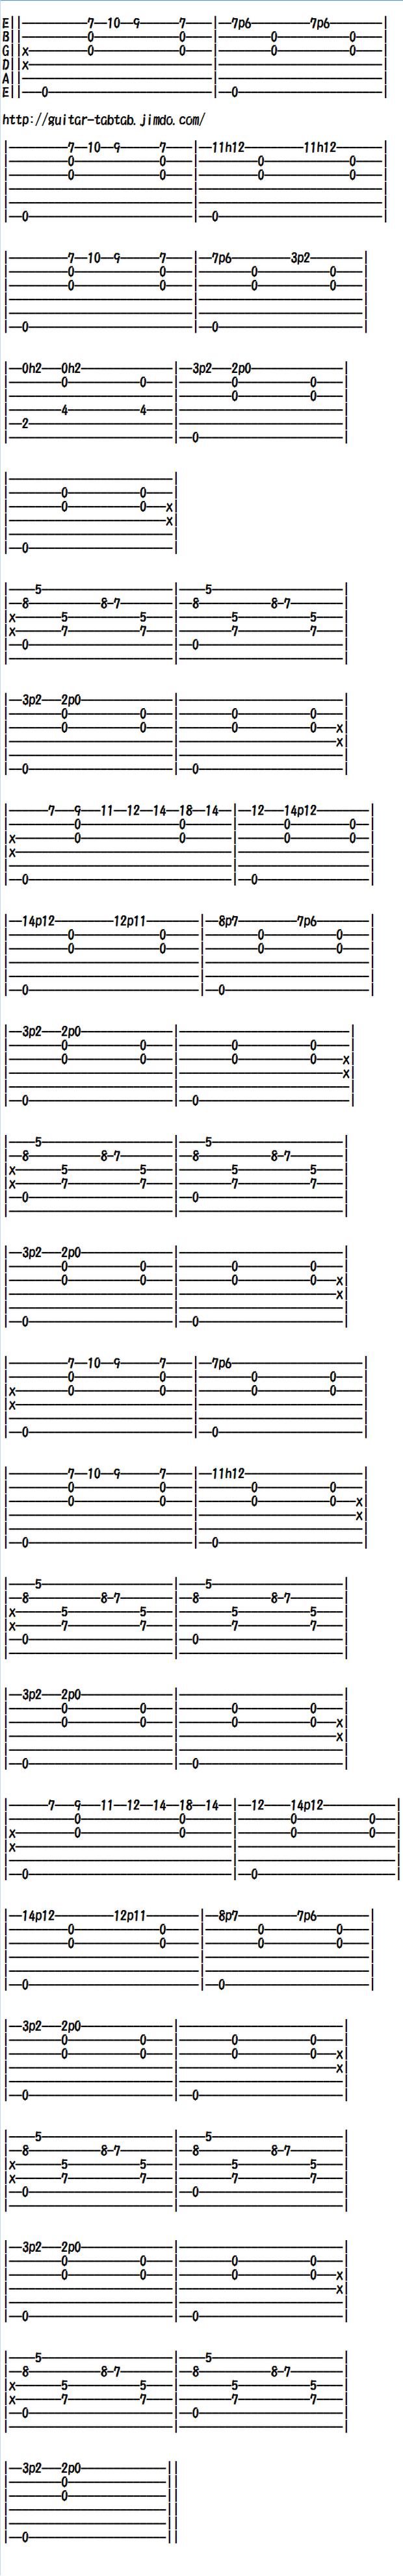 無料クラシックギター、ソロギター、アコギの楽譜(タブ譜)ギタータブタブ、グノシエンヌ